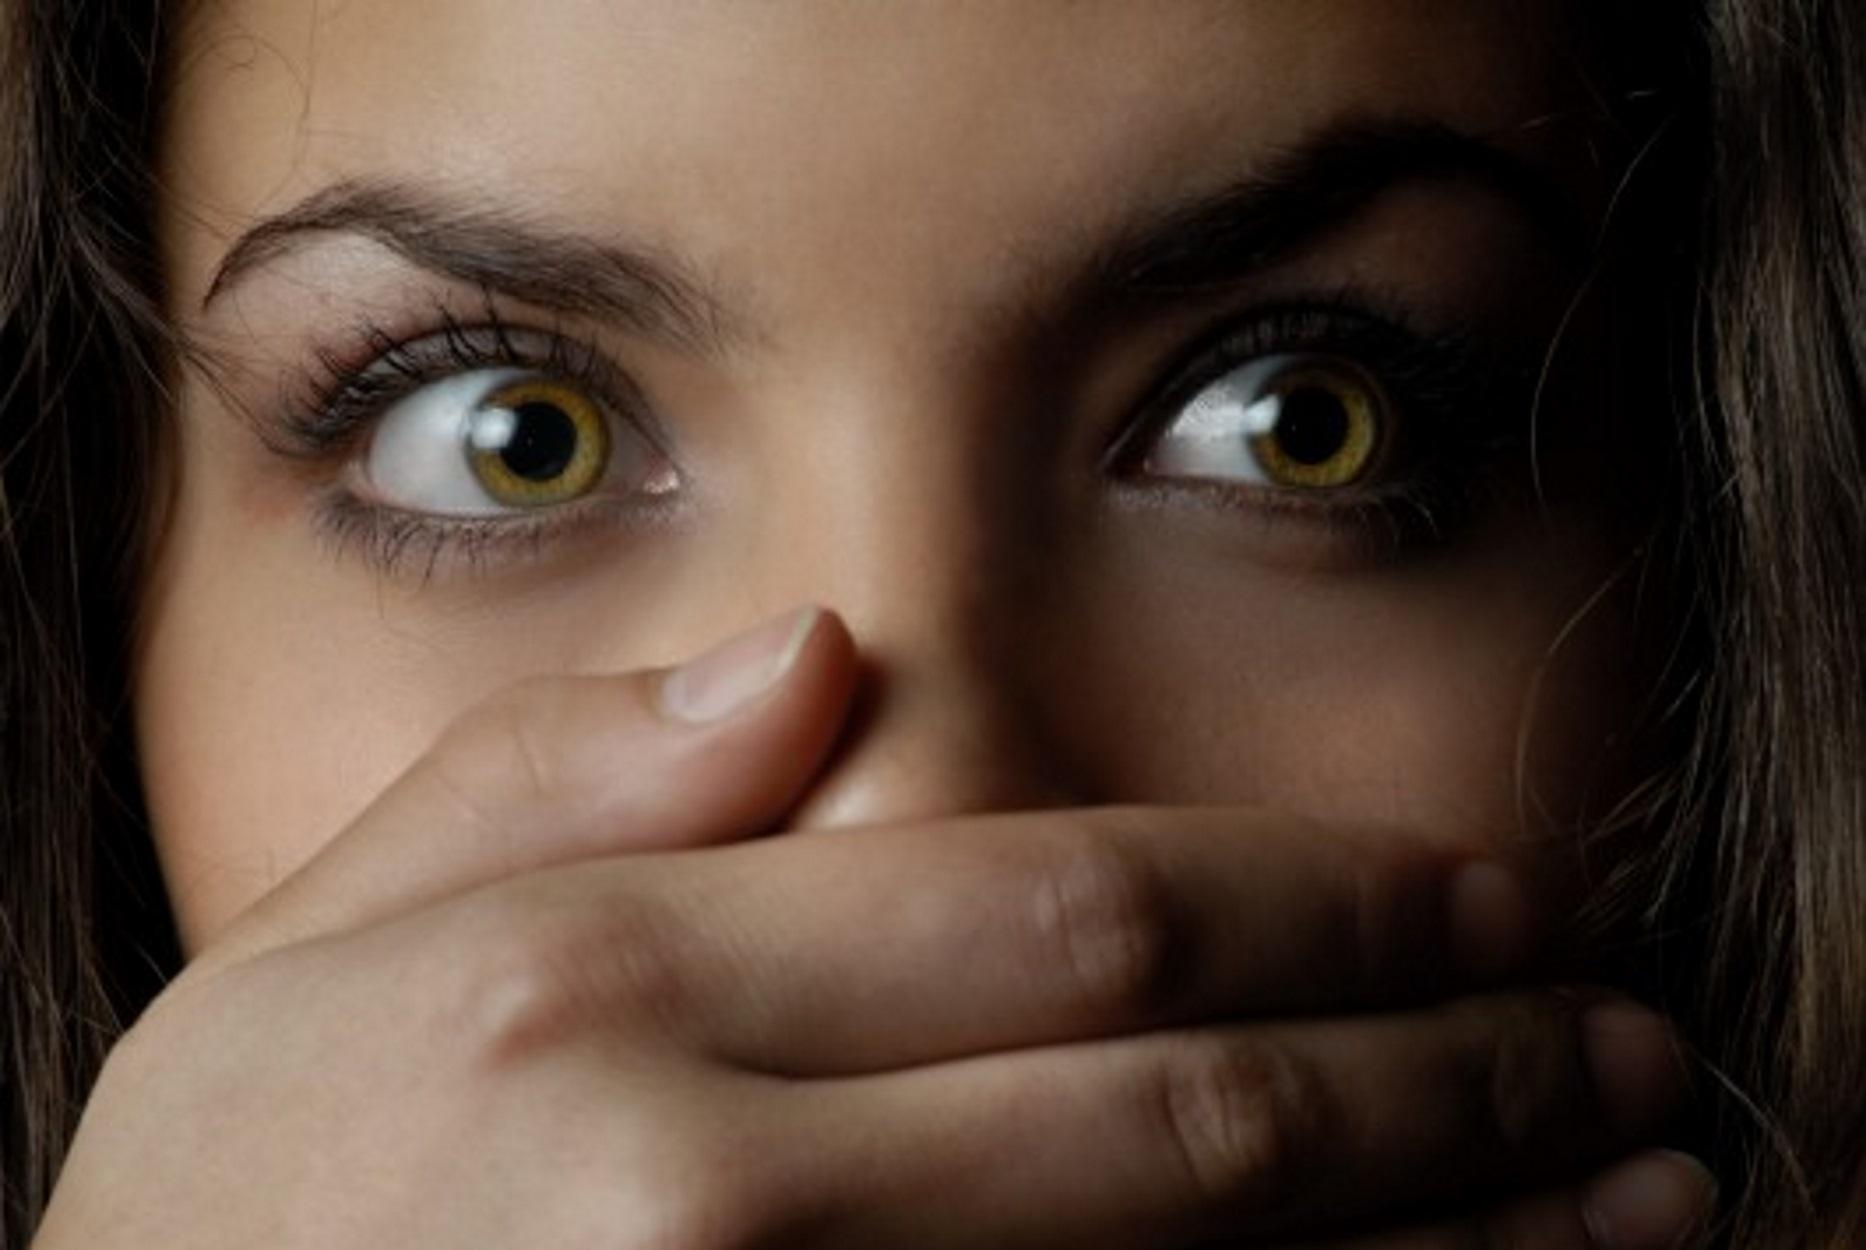 Κρήτη: Απόπειρα βιασμού κατήγγειλε 21χρονη, ενώ έκανε βόλτα στην παραλία